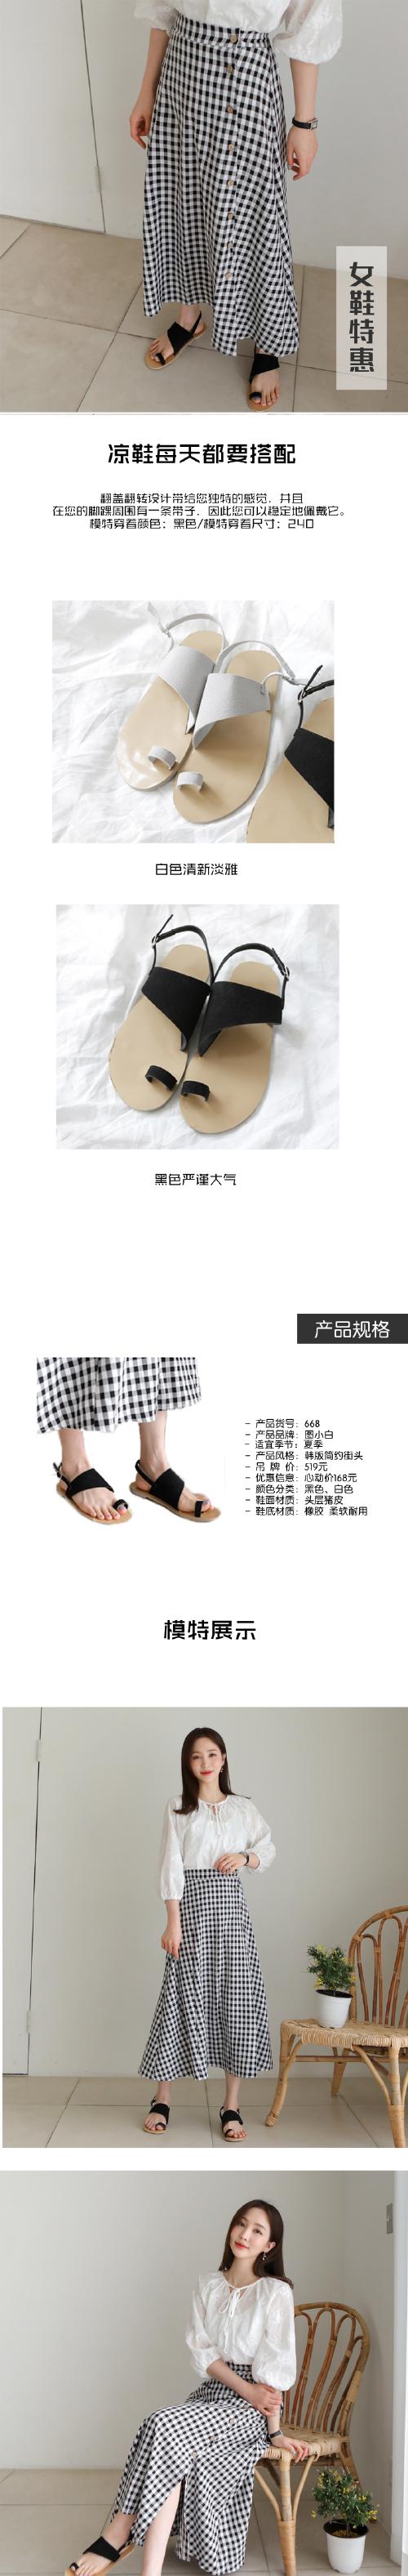 $清凉一夏女士凉鞋淘宝详情页